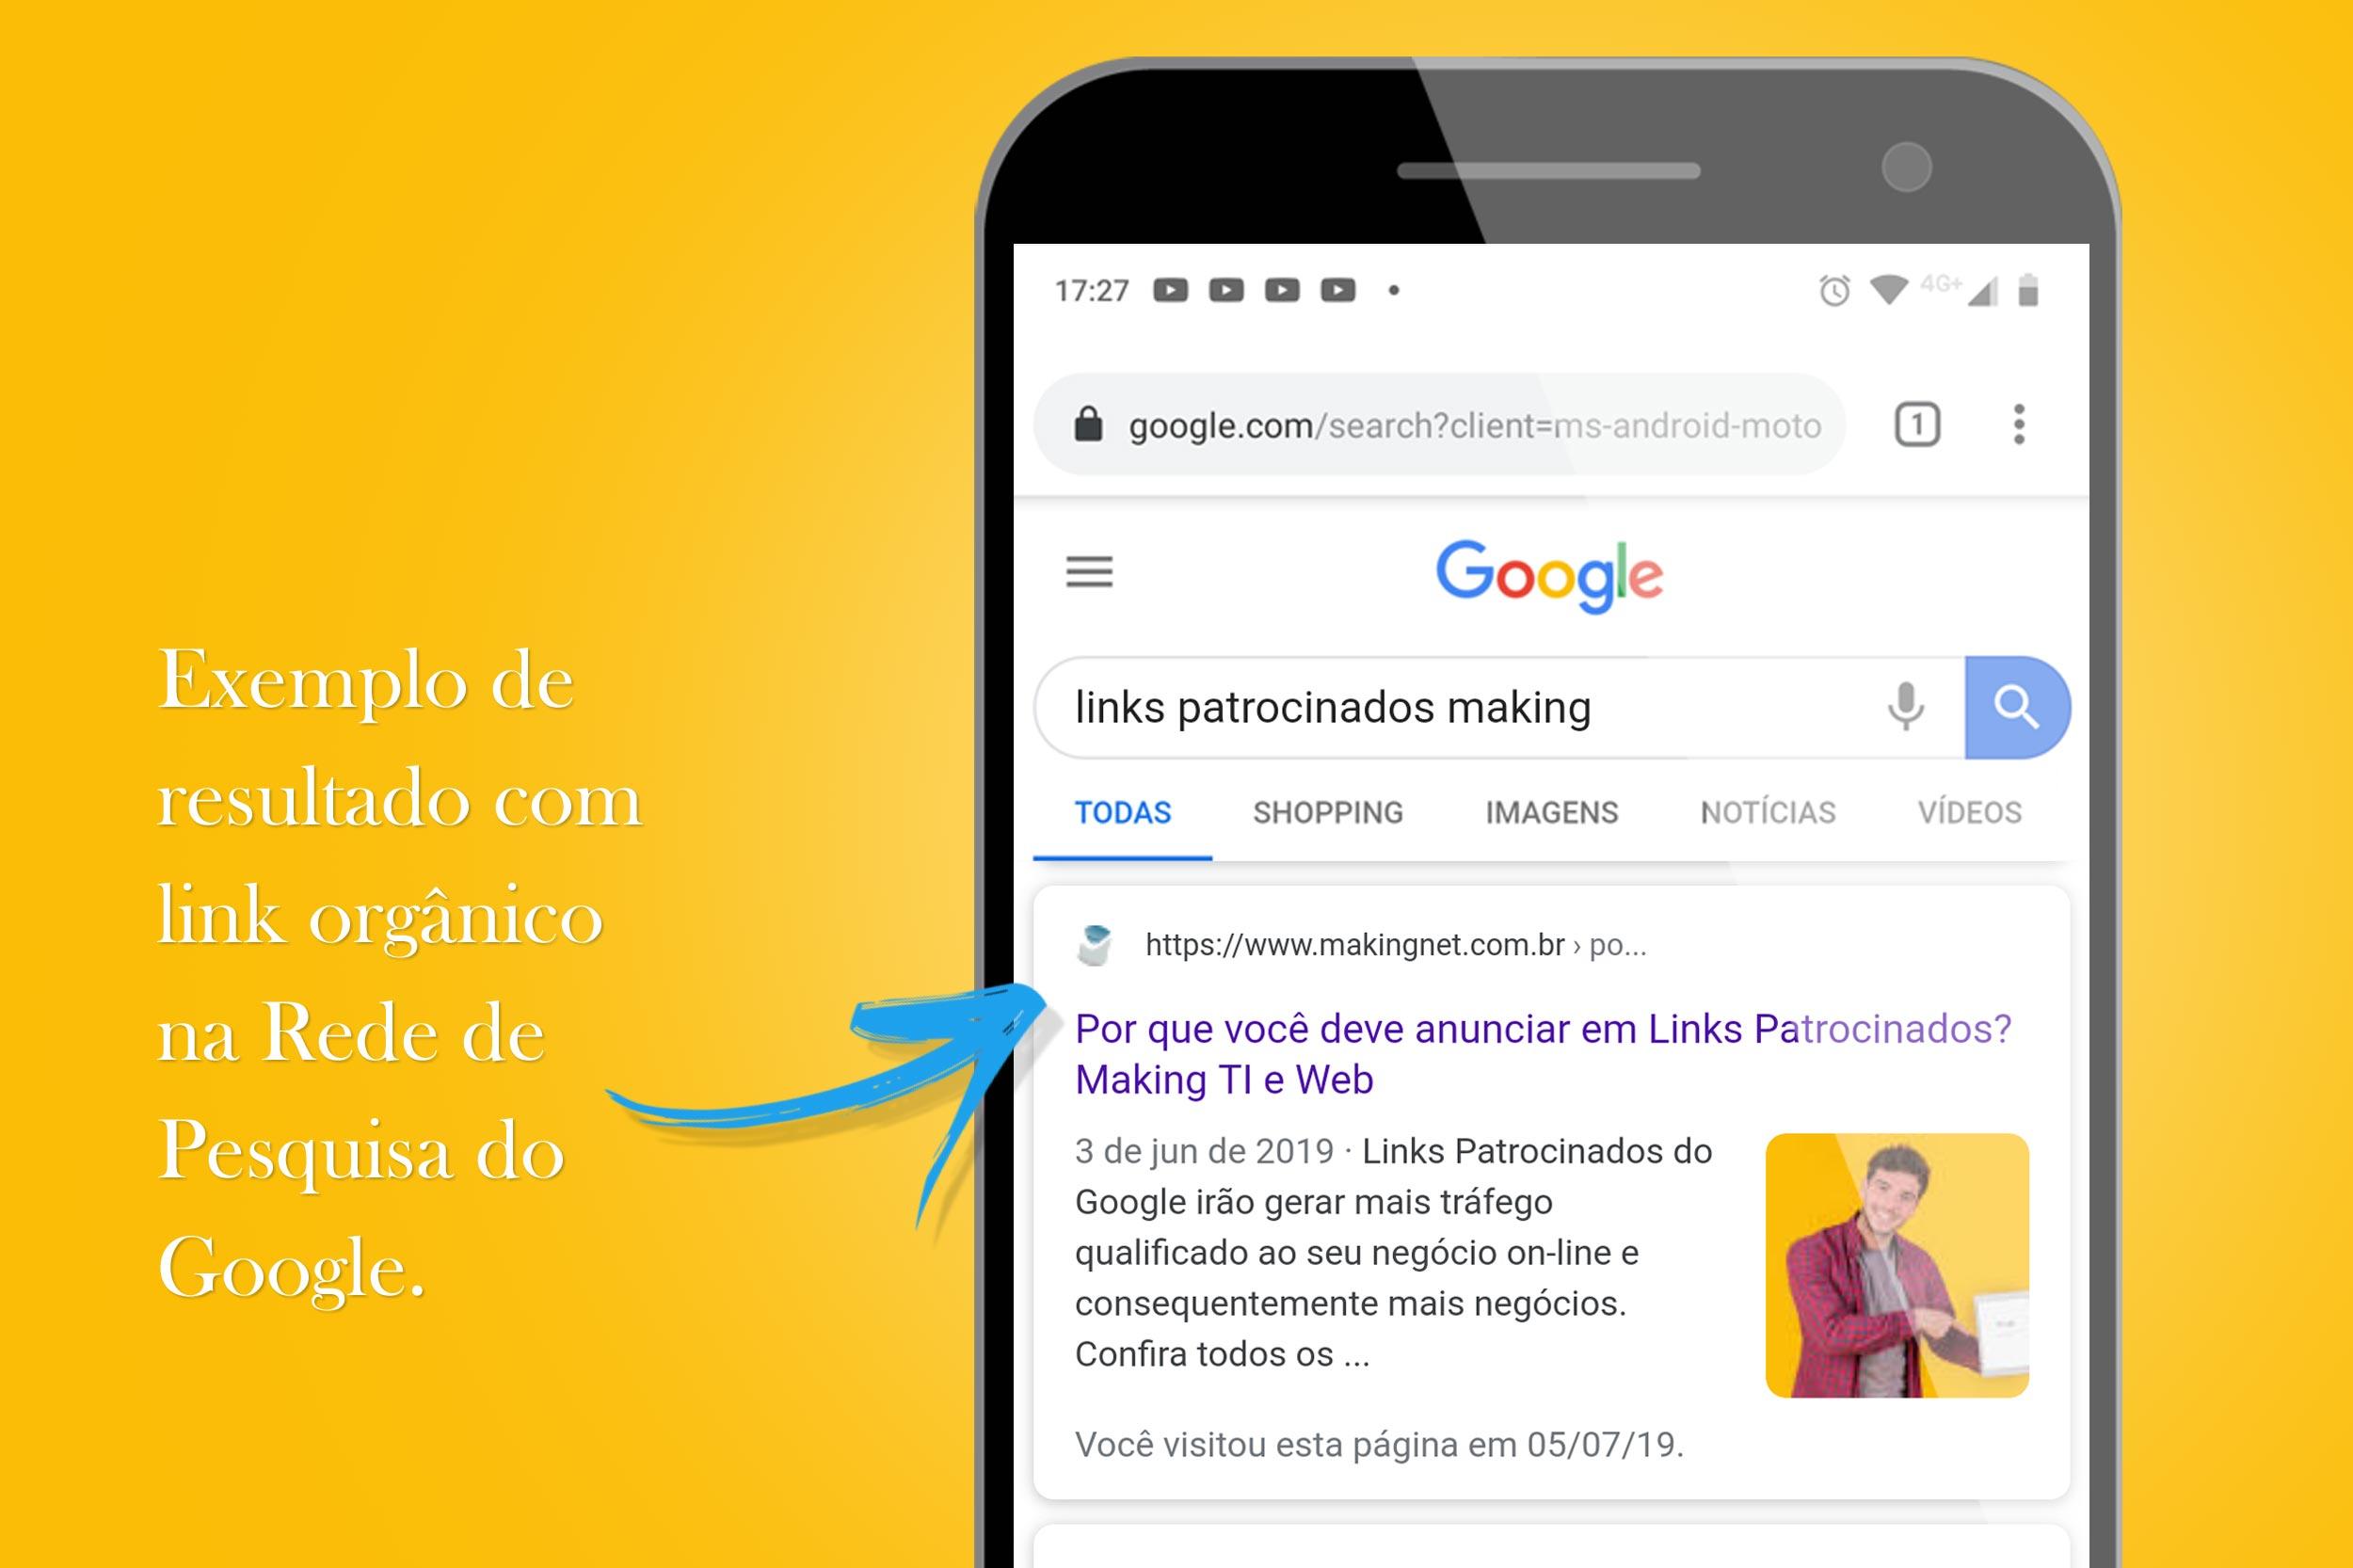 Exemplo de resultado com link orgânico na rede de pesquisa do Google